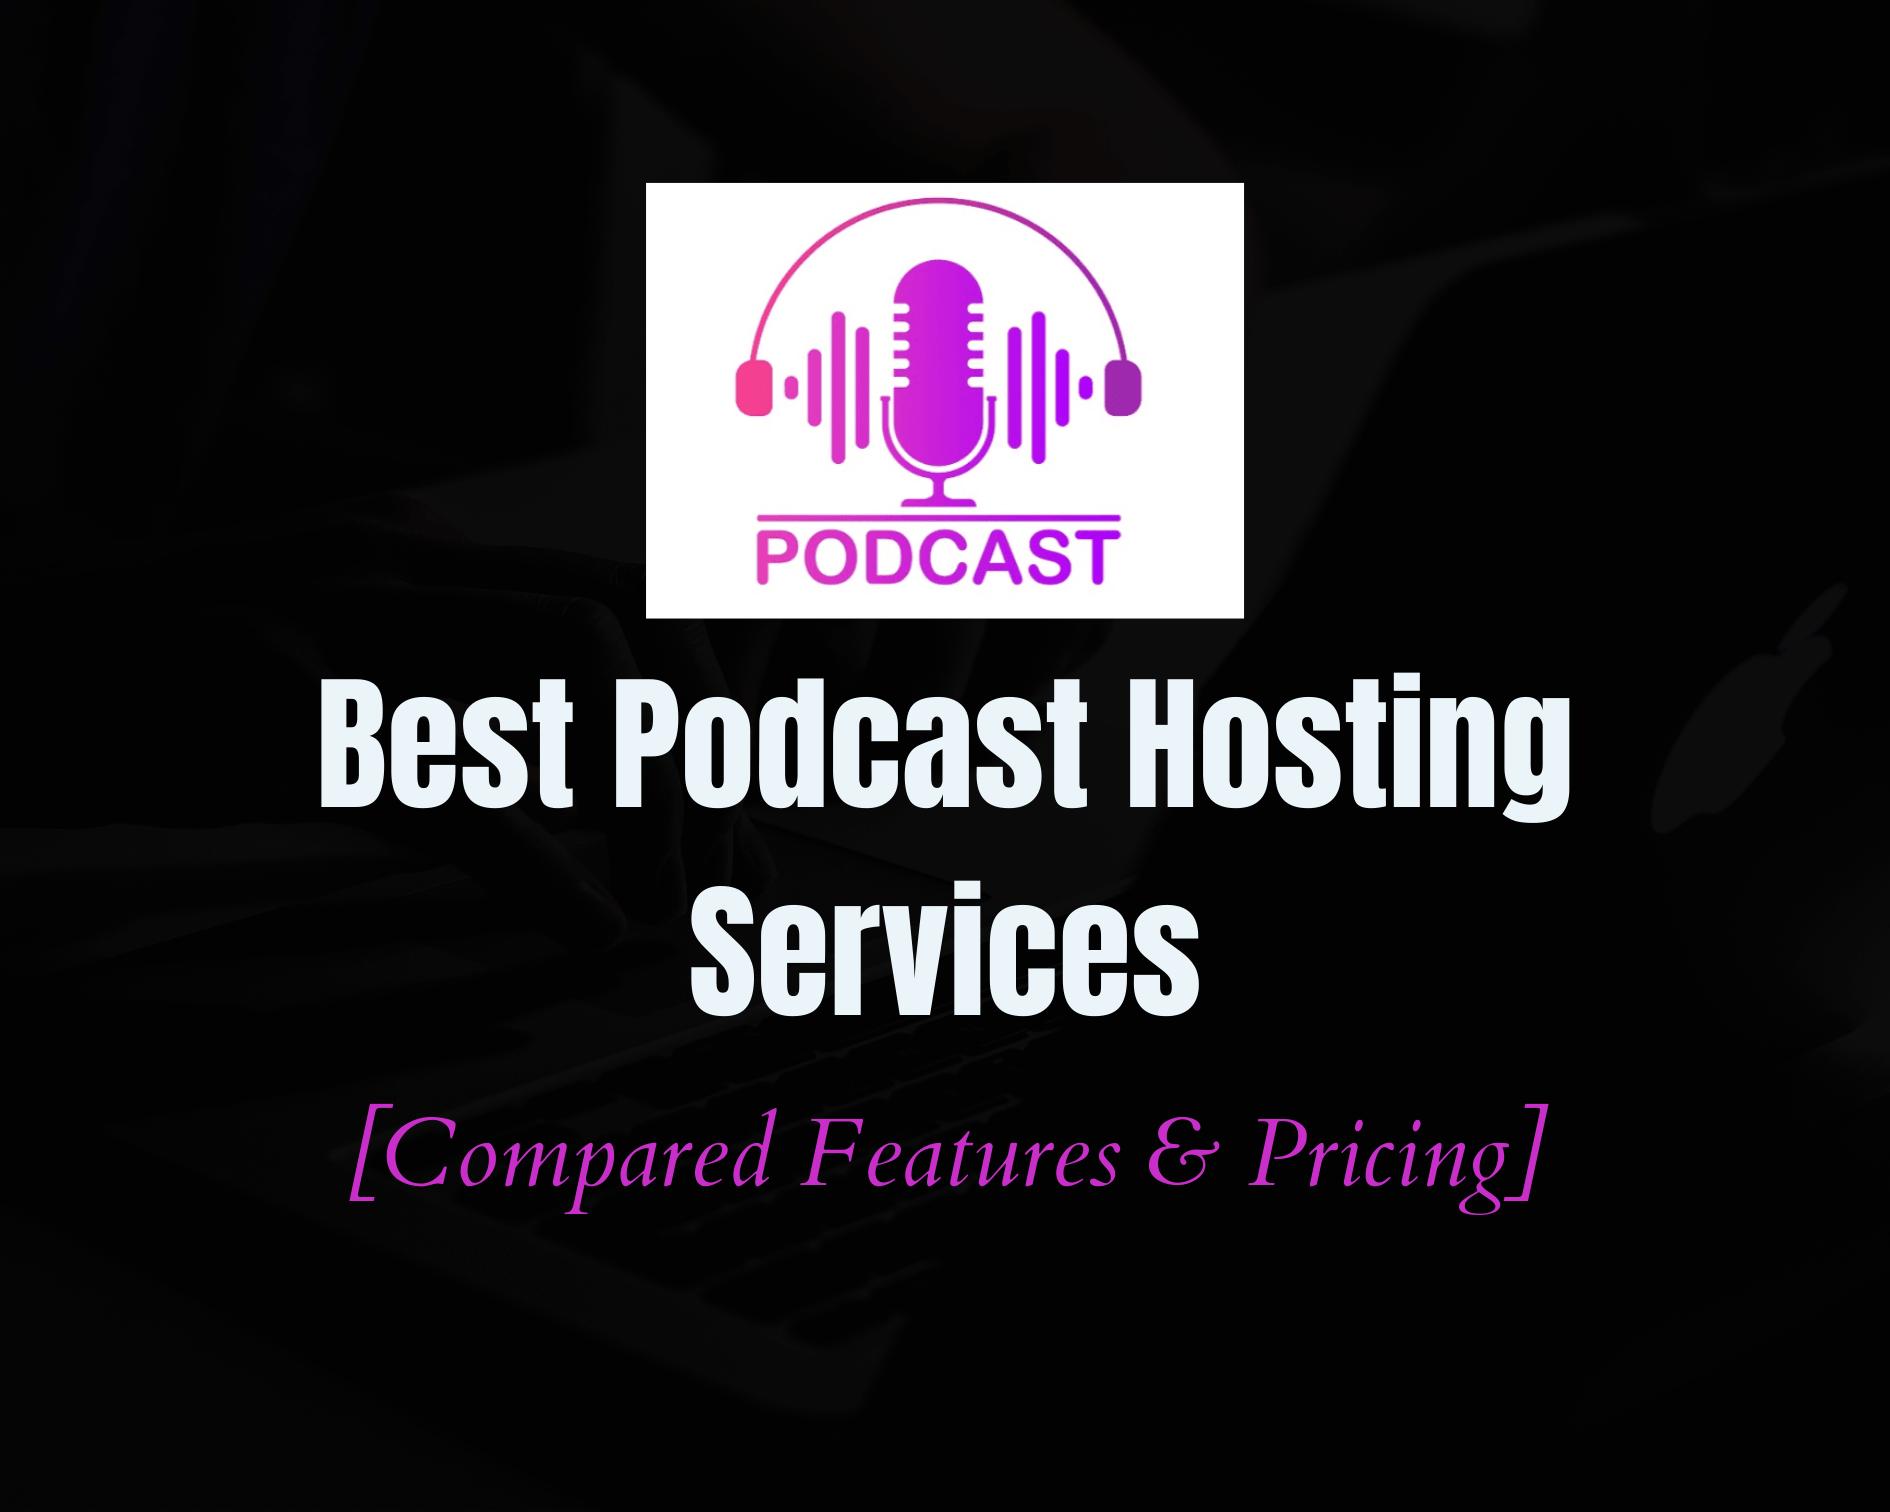 10 Best Podcast Hosting Platforms & Services for 2021